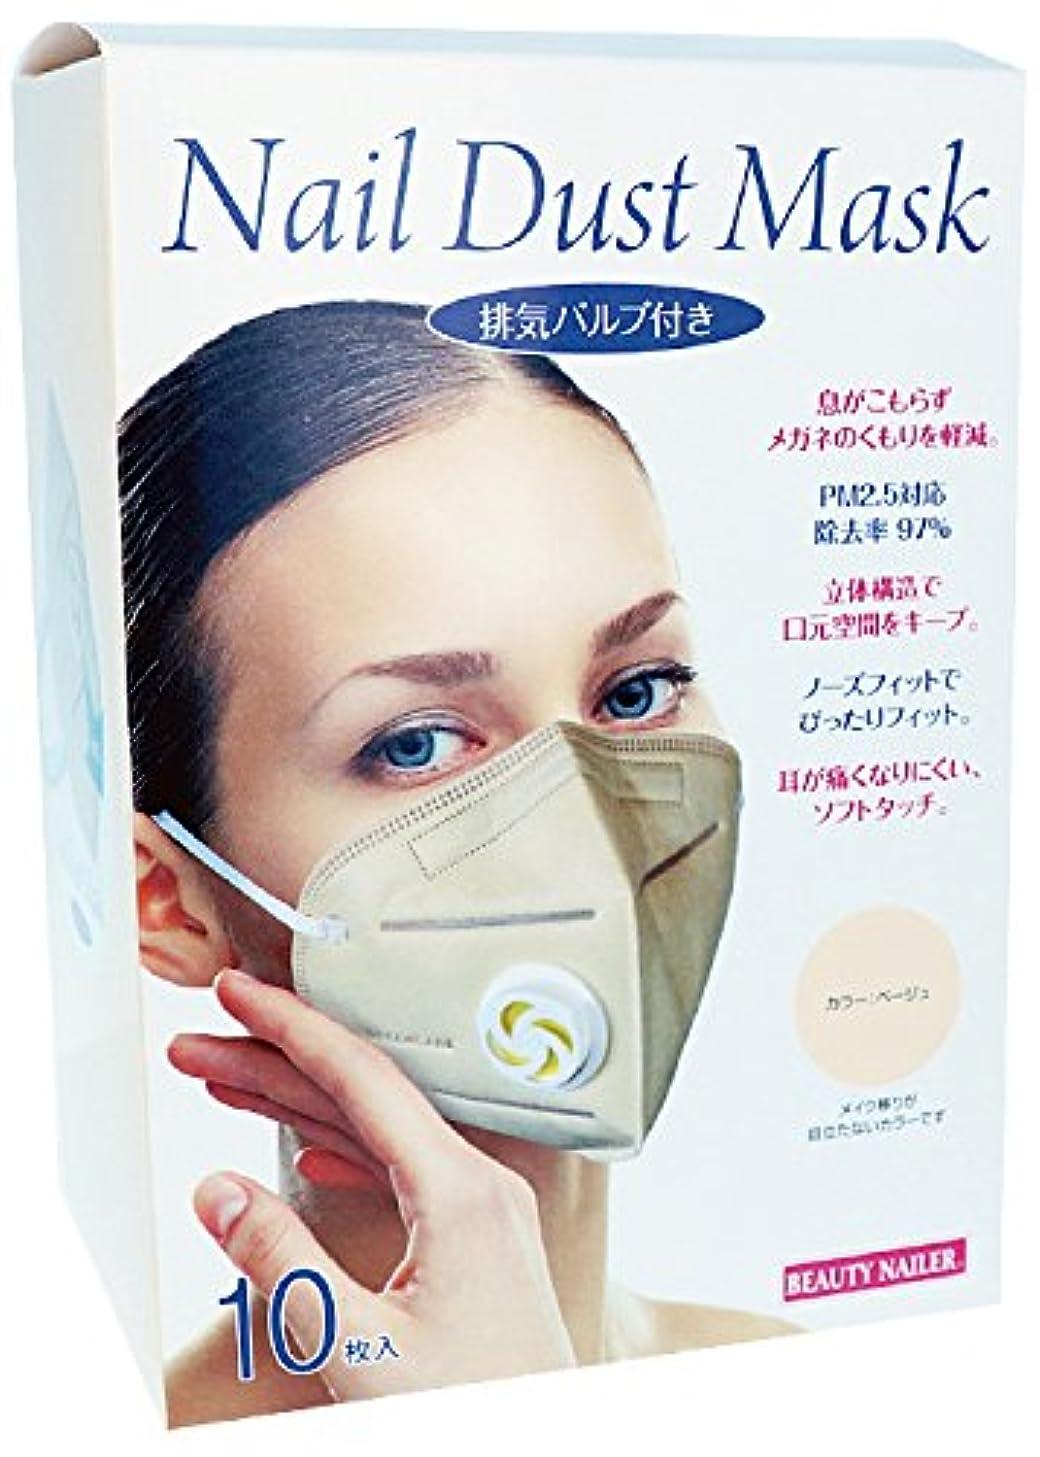 リンケージ効率的処理排気バルブ付き ネイルダストマスク(MASK-04)